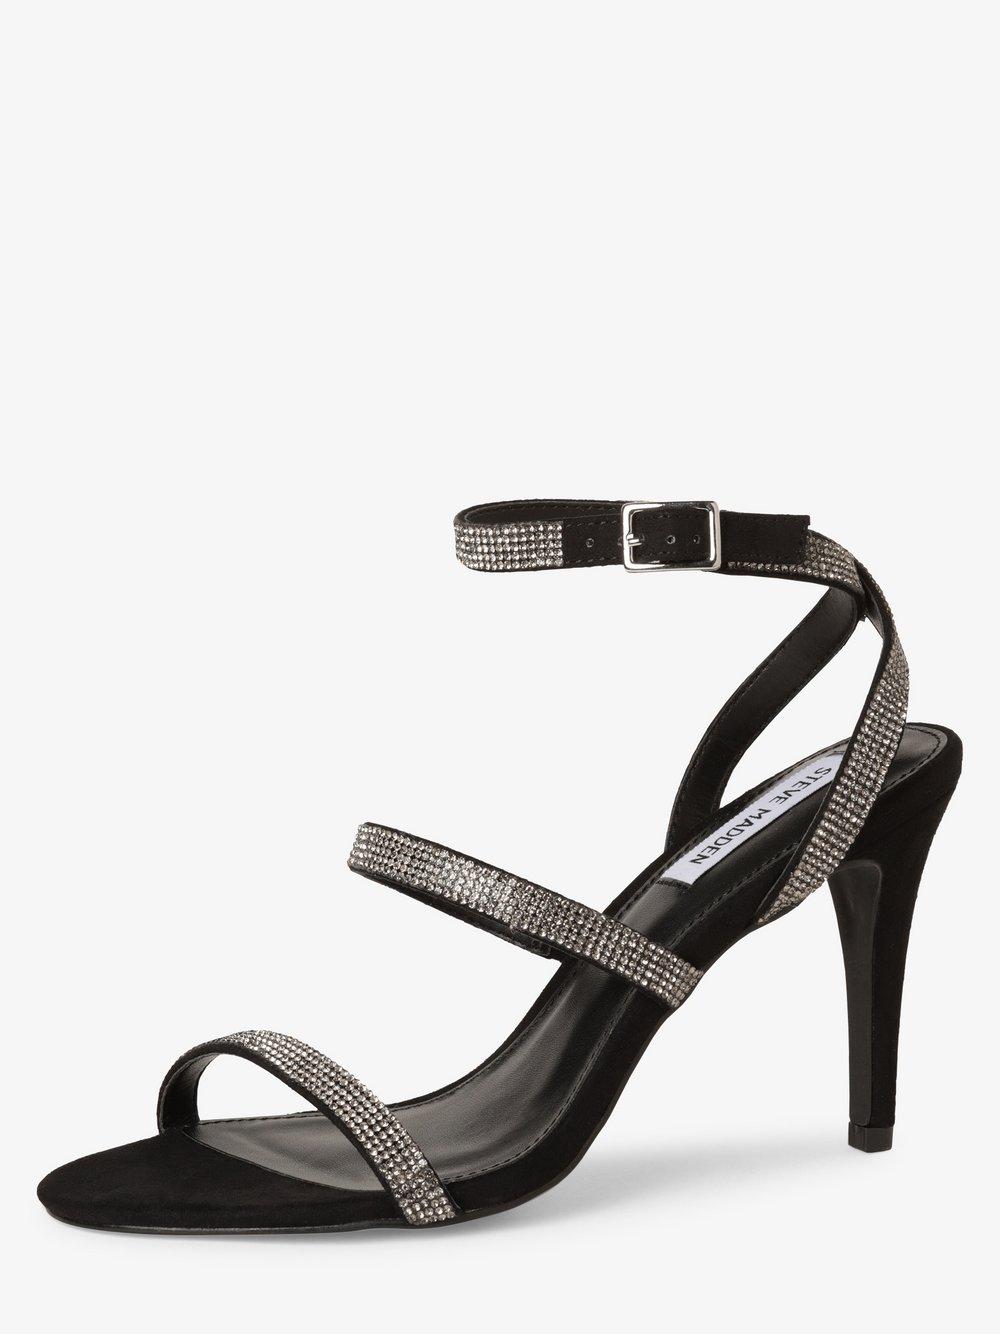 Steve Madden - Damskie sandały na obcasie – Equal, czarny